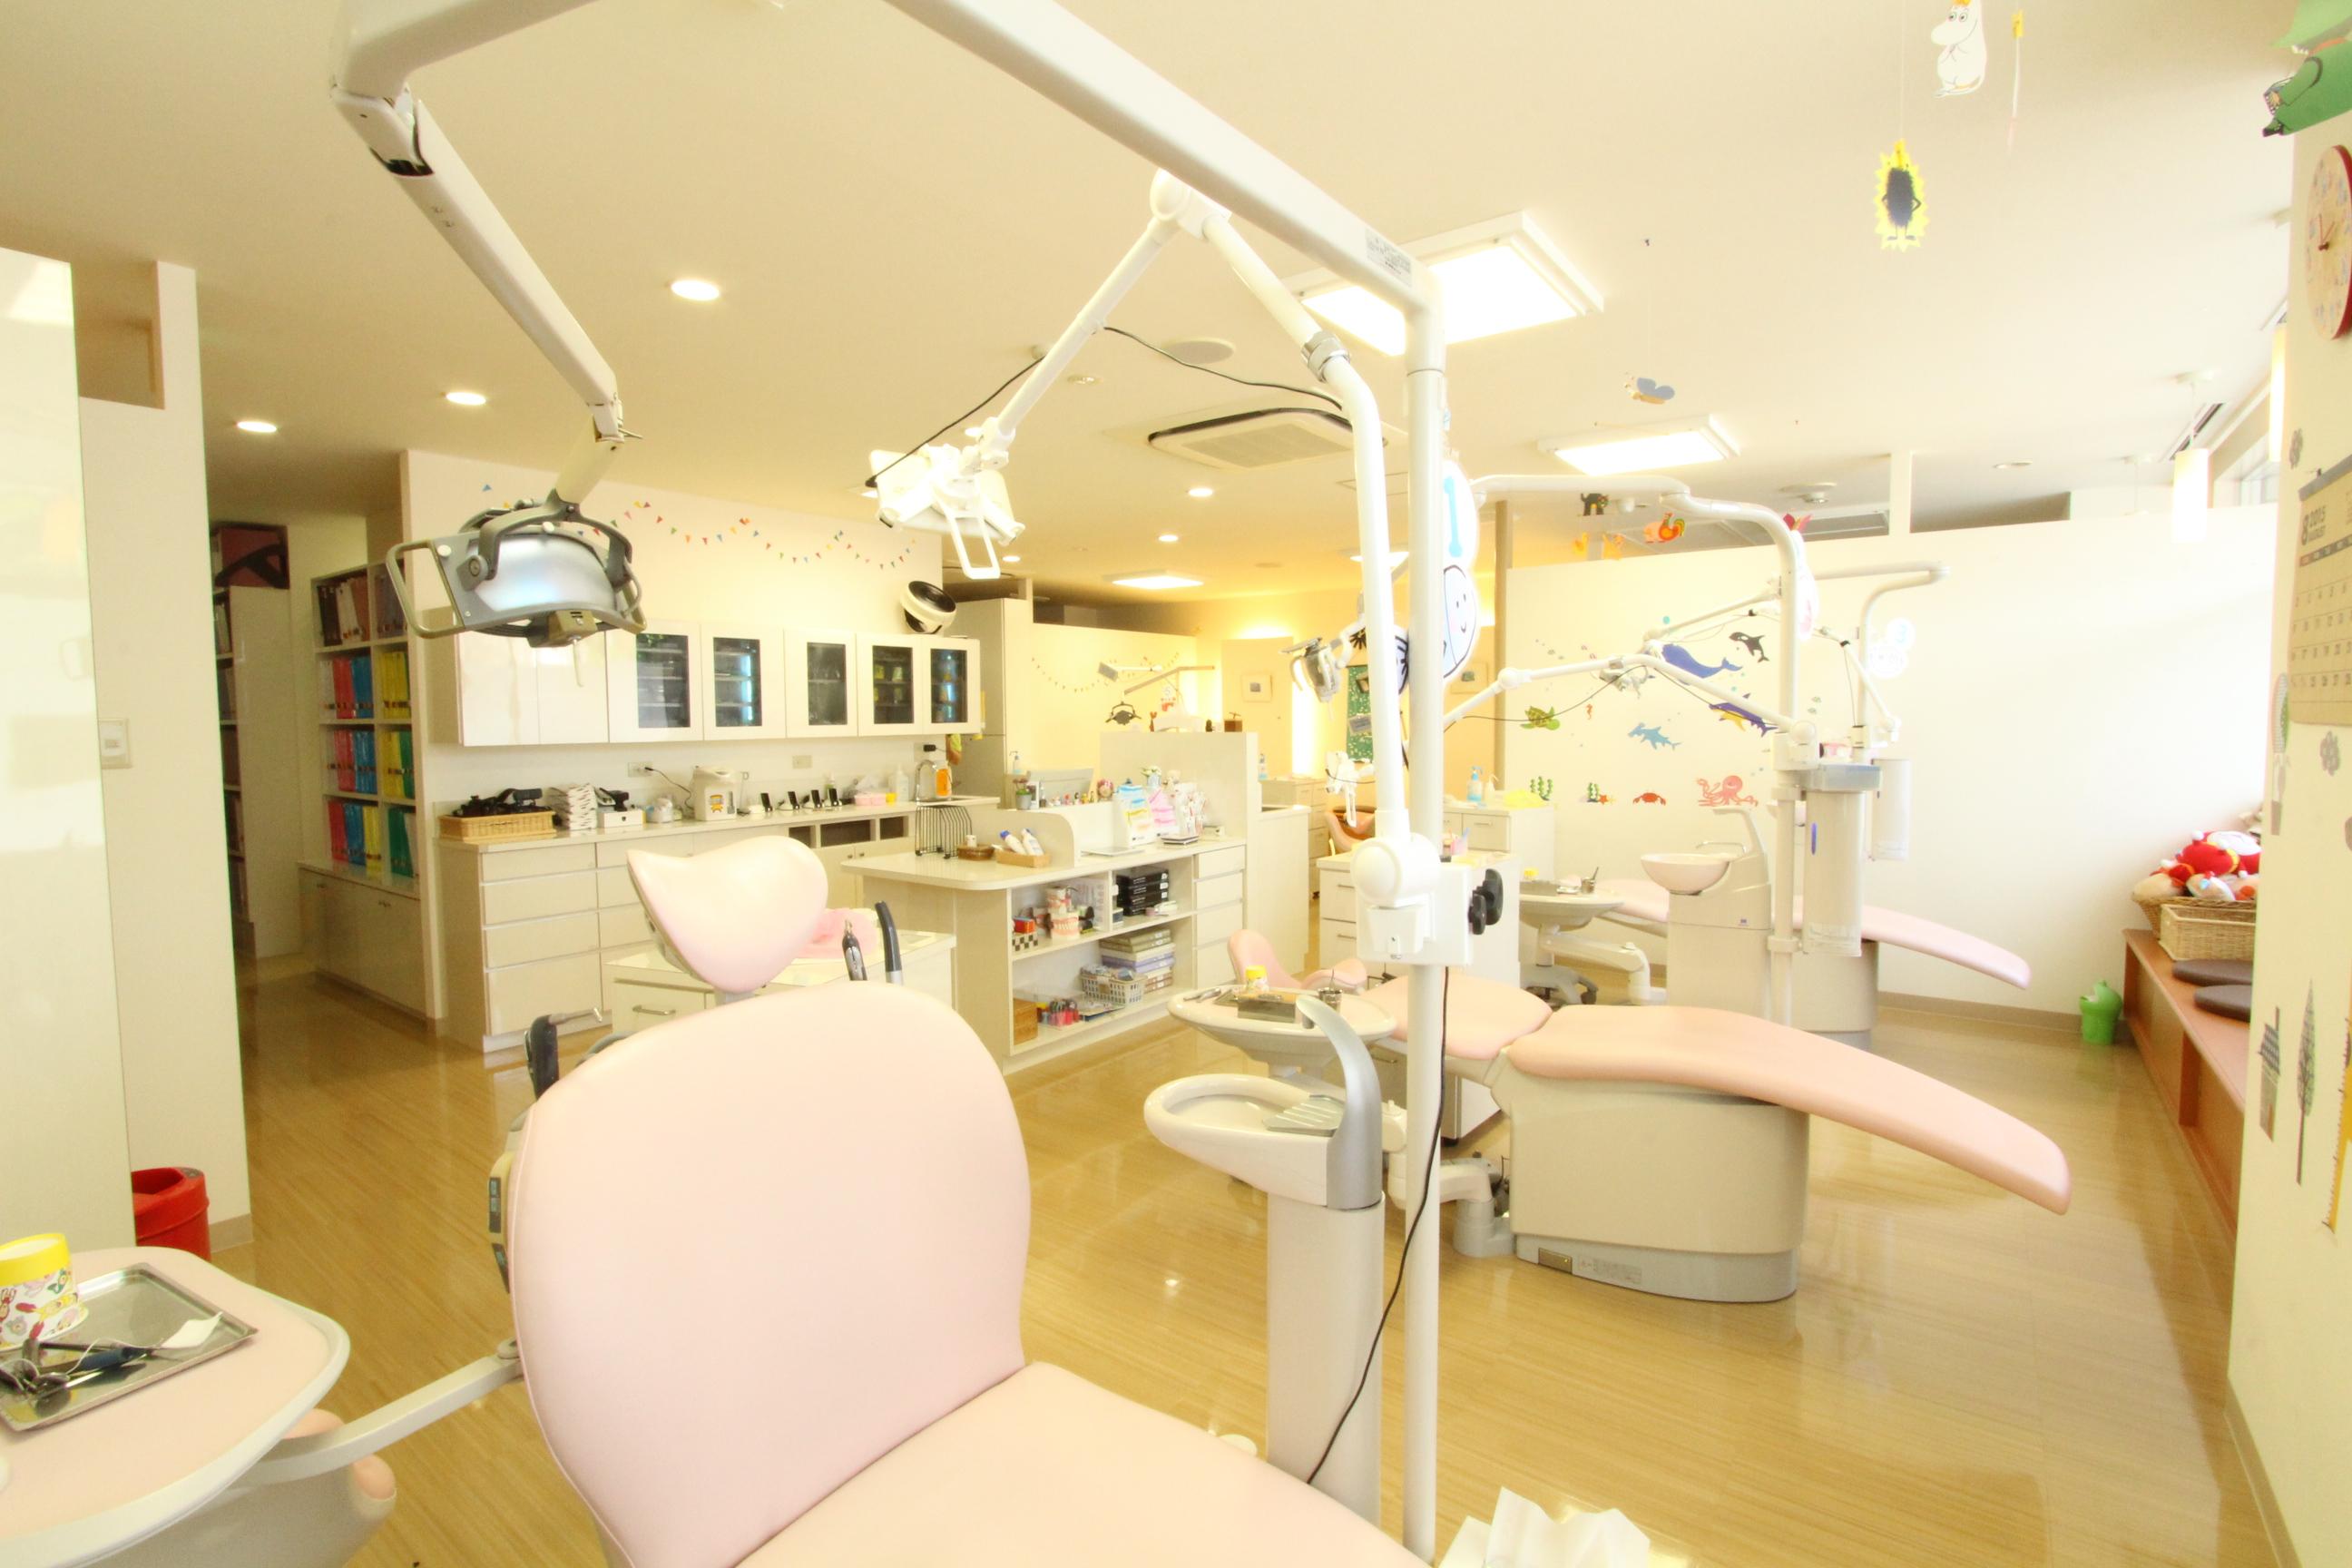 小児・矯正治療を専門としているアットホームな歯科医院で一緒に衛生士としてのやりがいを感じませんか?